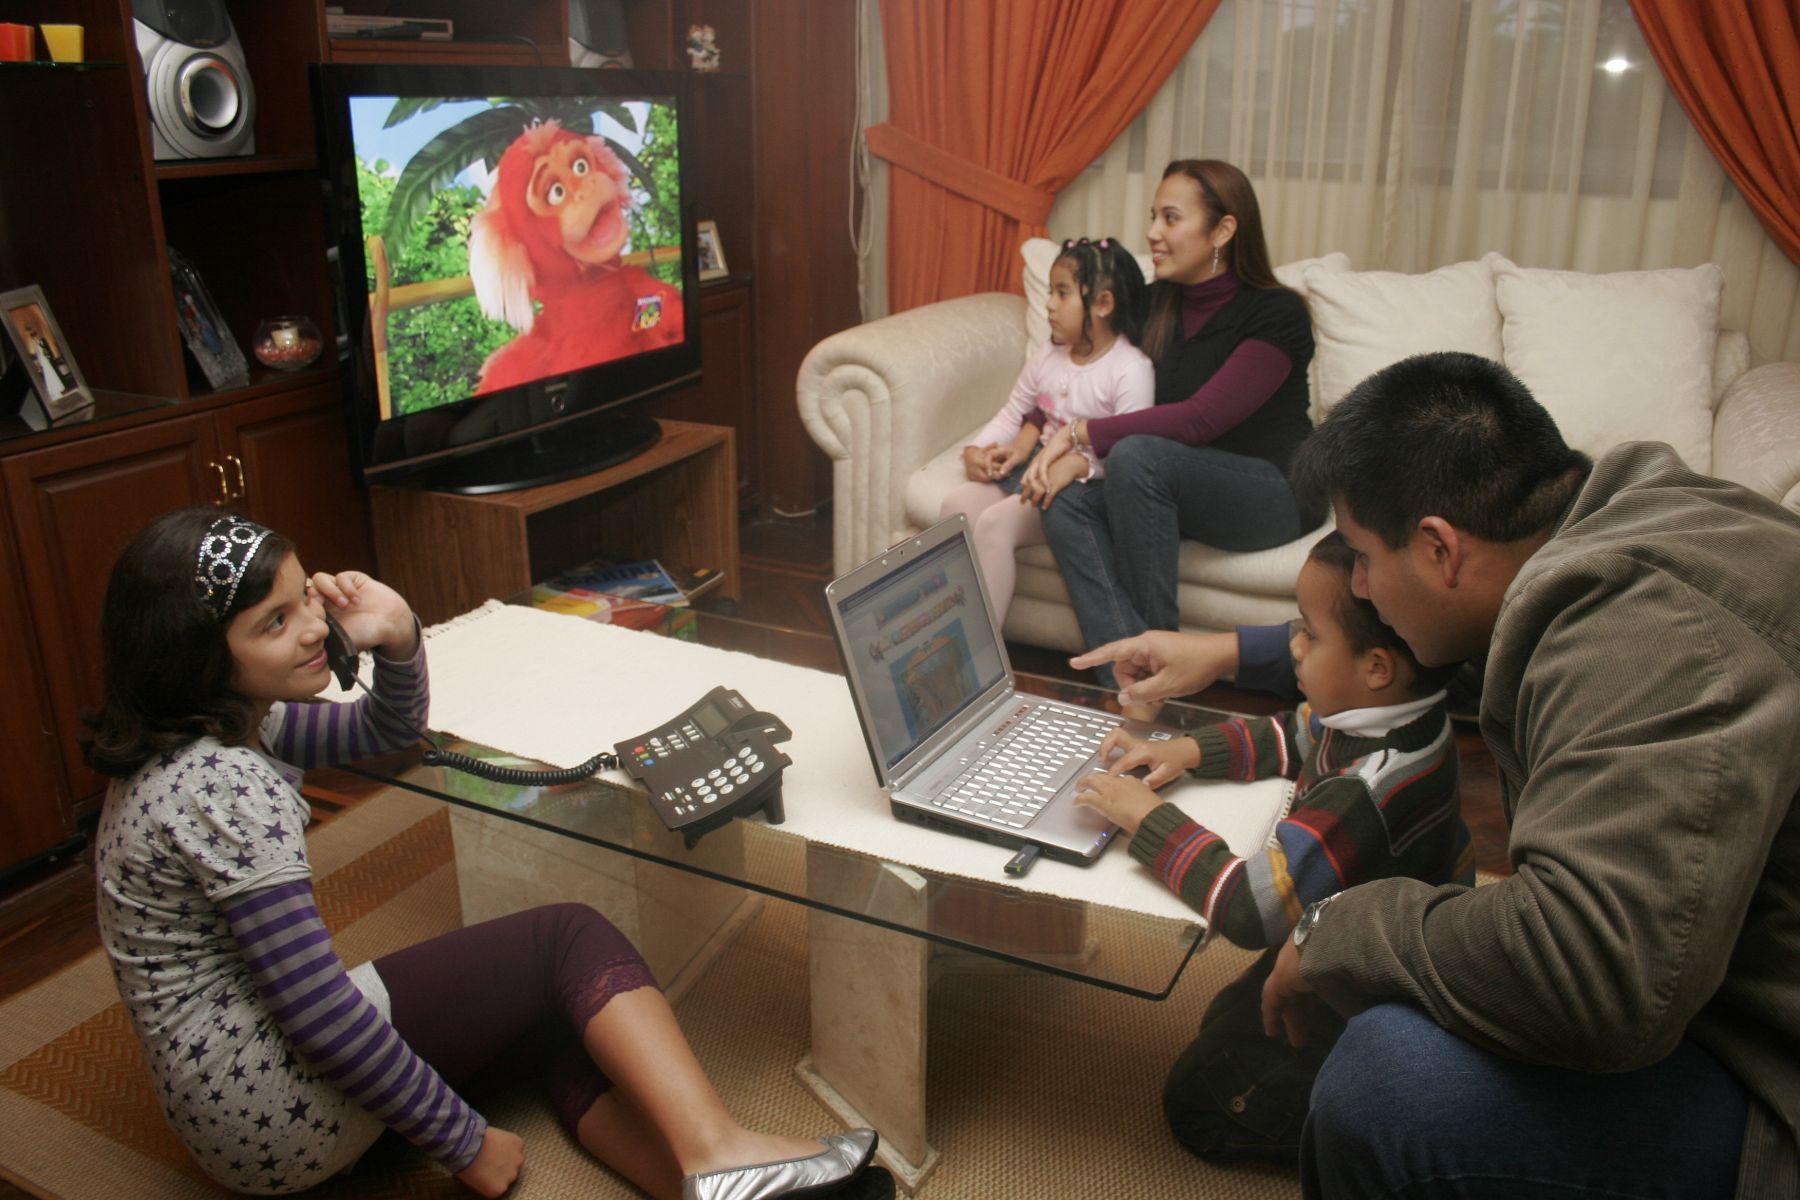 ¿Cómo afrontan los peruanos el aislamiento social en sus hogares?